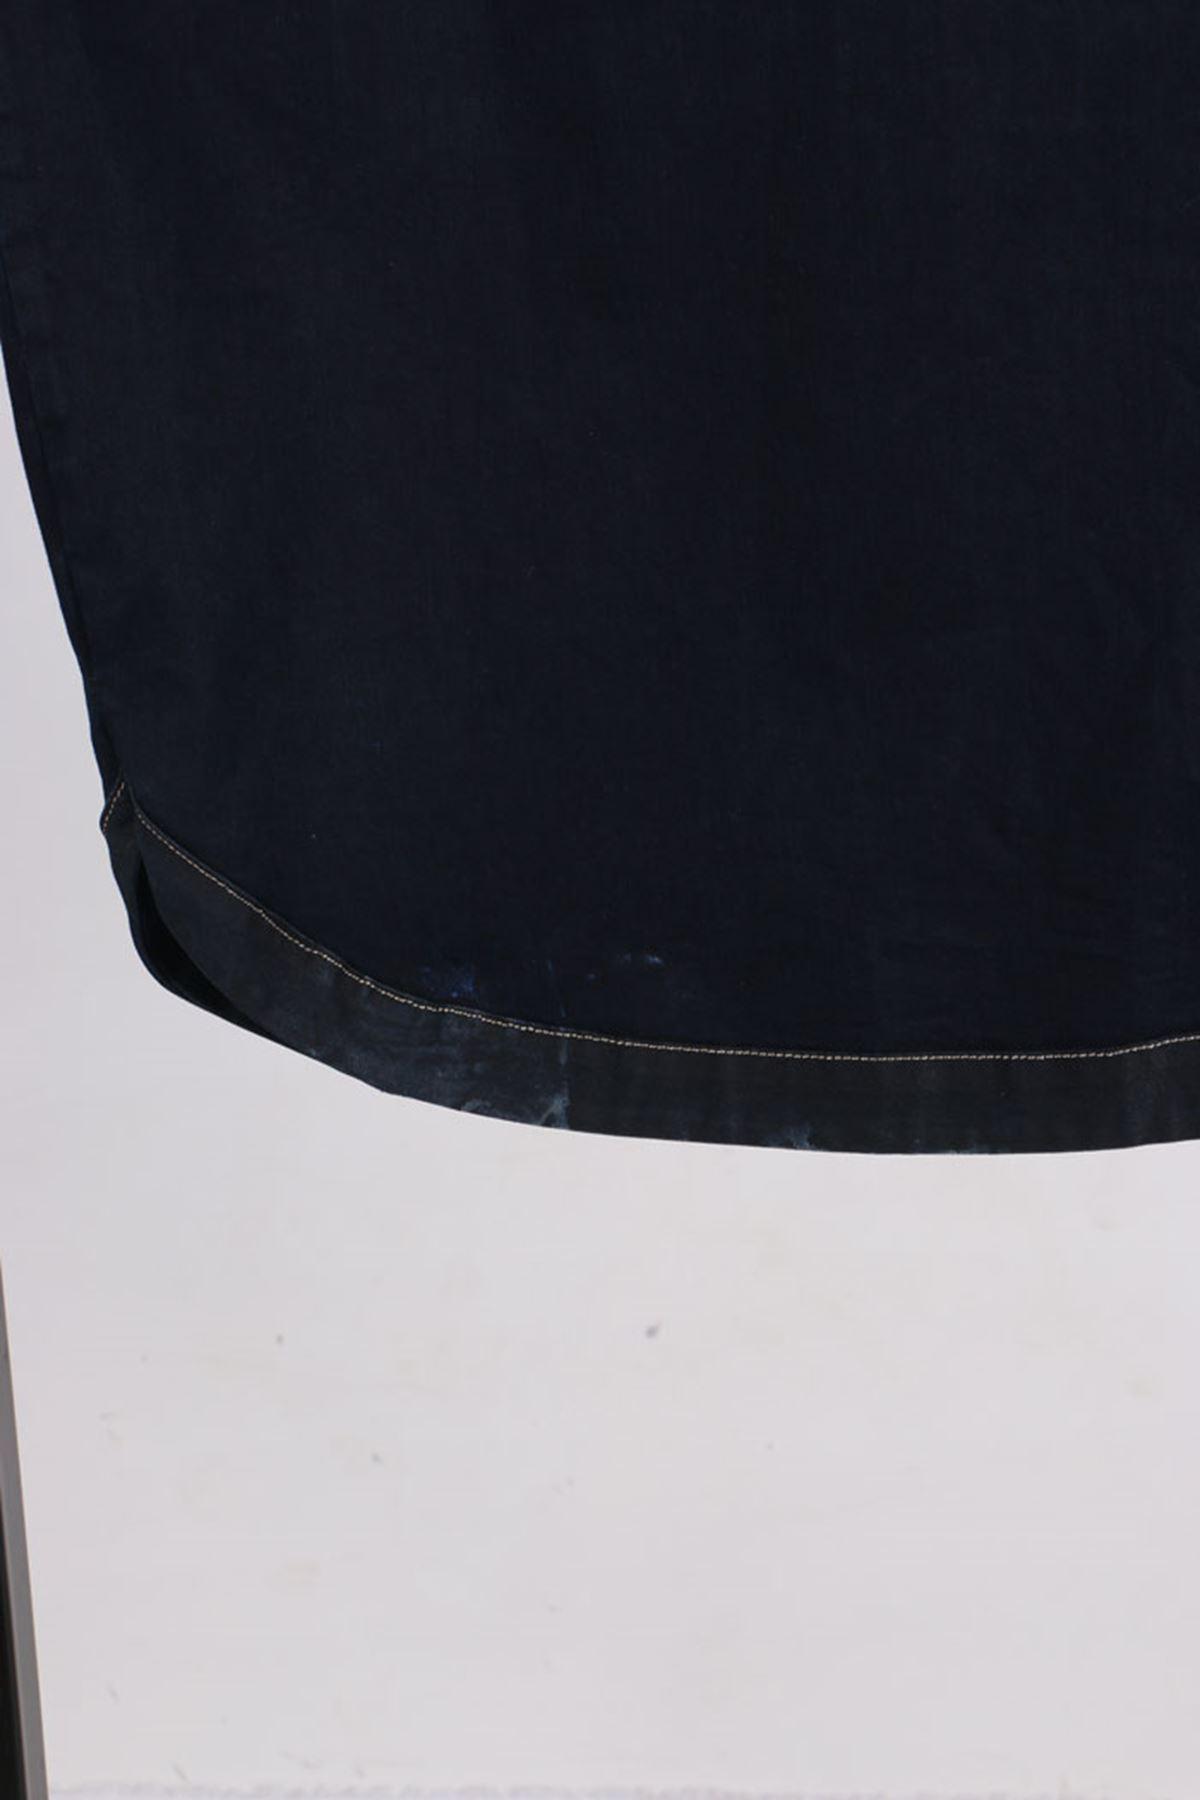 D-3142-1 Büyük Beden Defolu Kapüşonlu Kot Kap-Koyu Lacivert